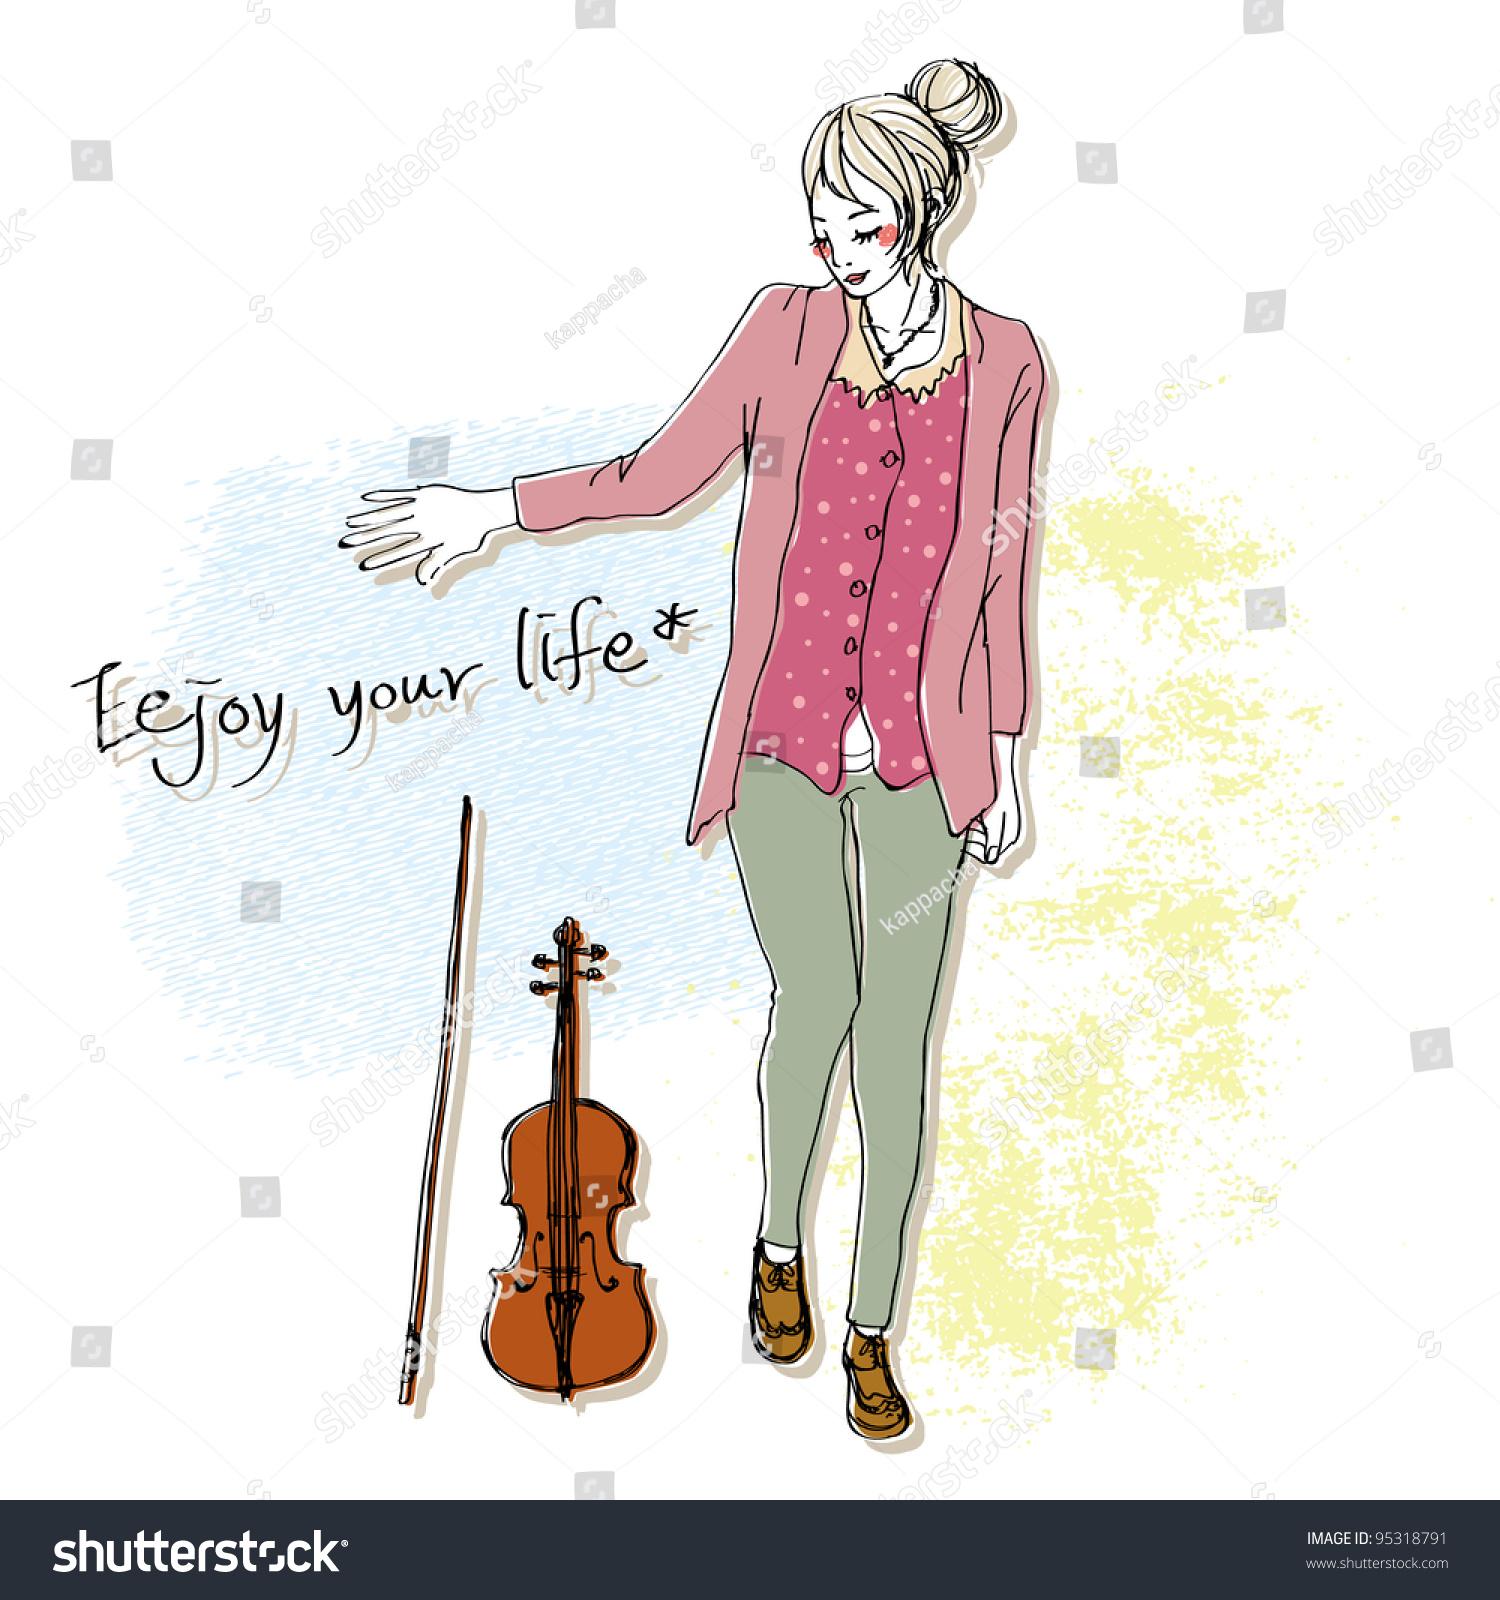 可爱的女孩素描与小提琴背景-艺术